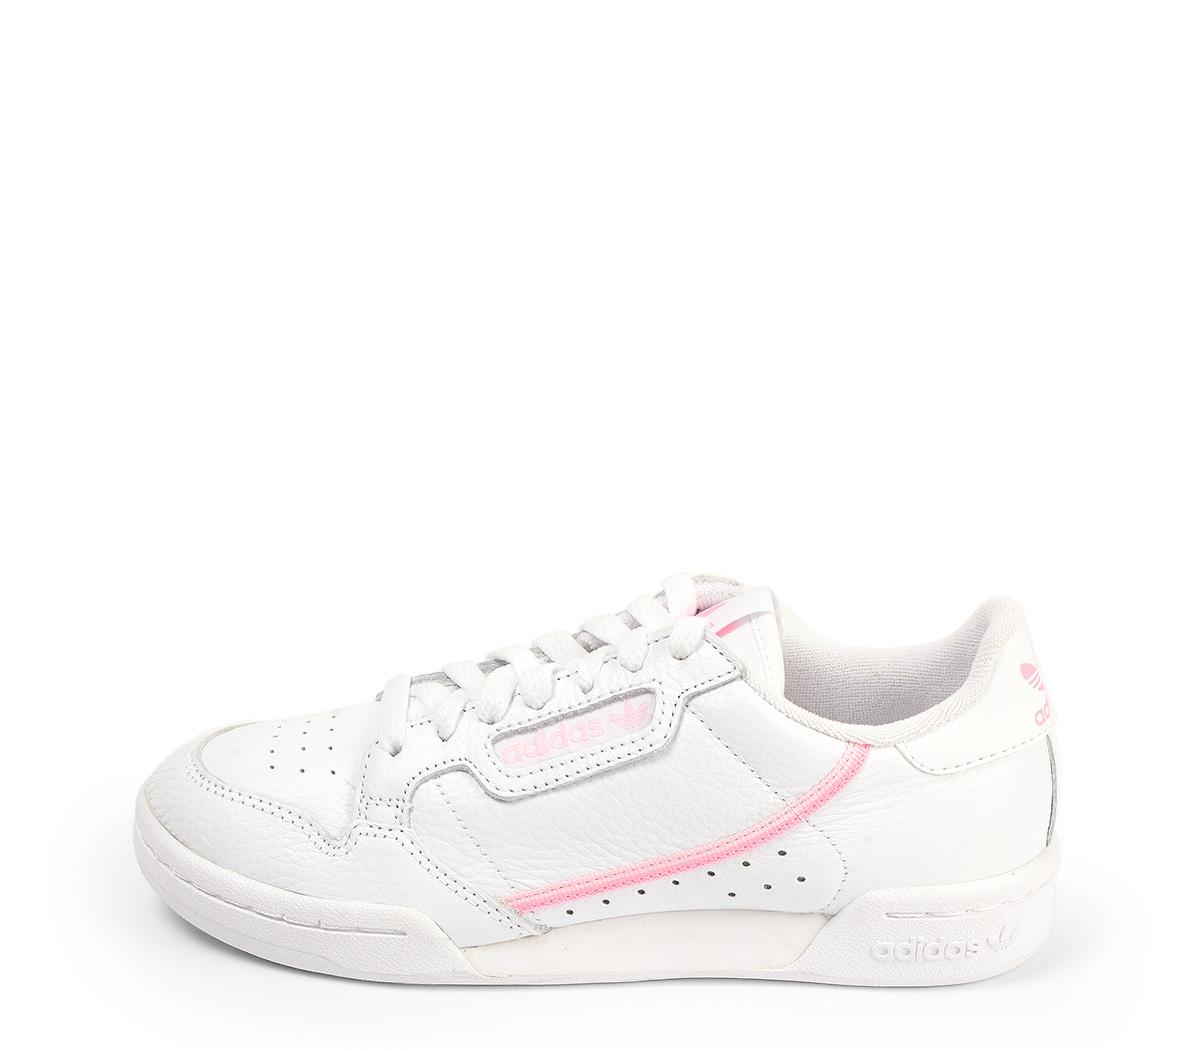 Ref. 4479 Adidas Continental piel blanca con detalles en rosa. Cordones blancos.